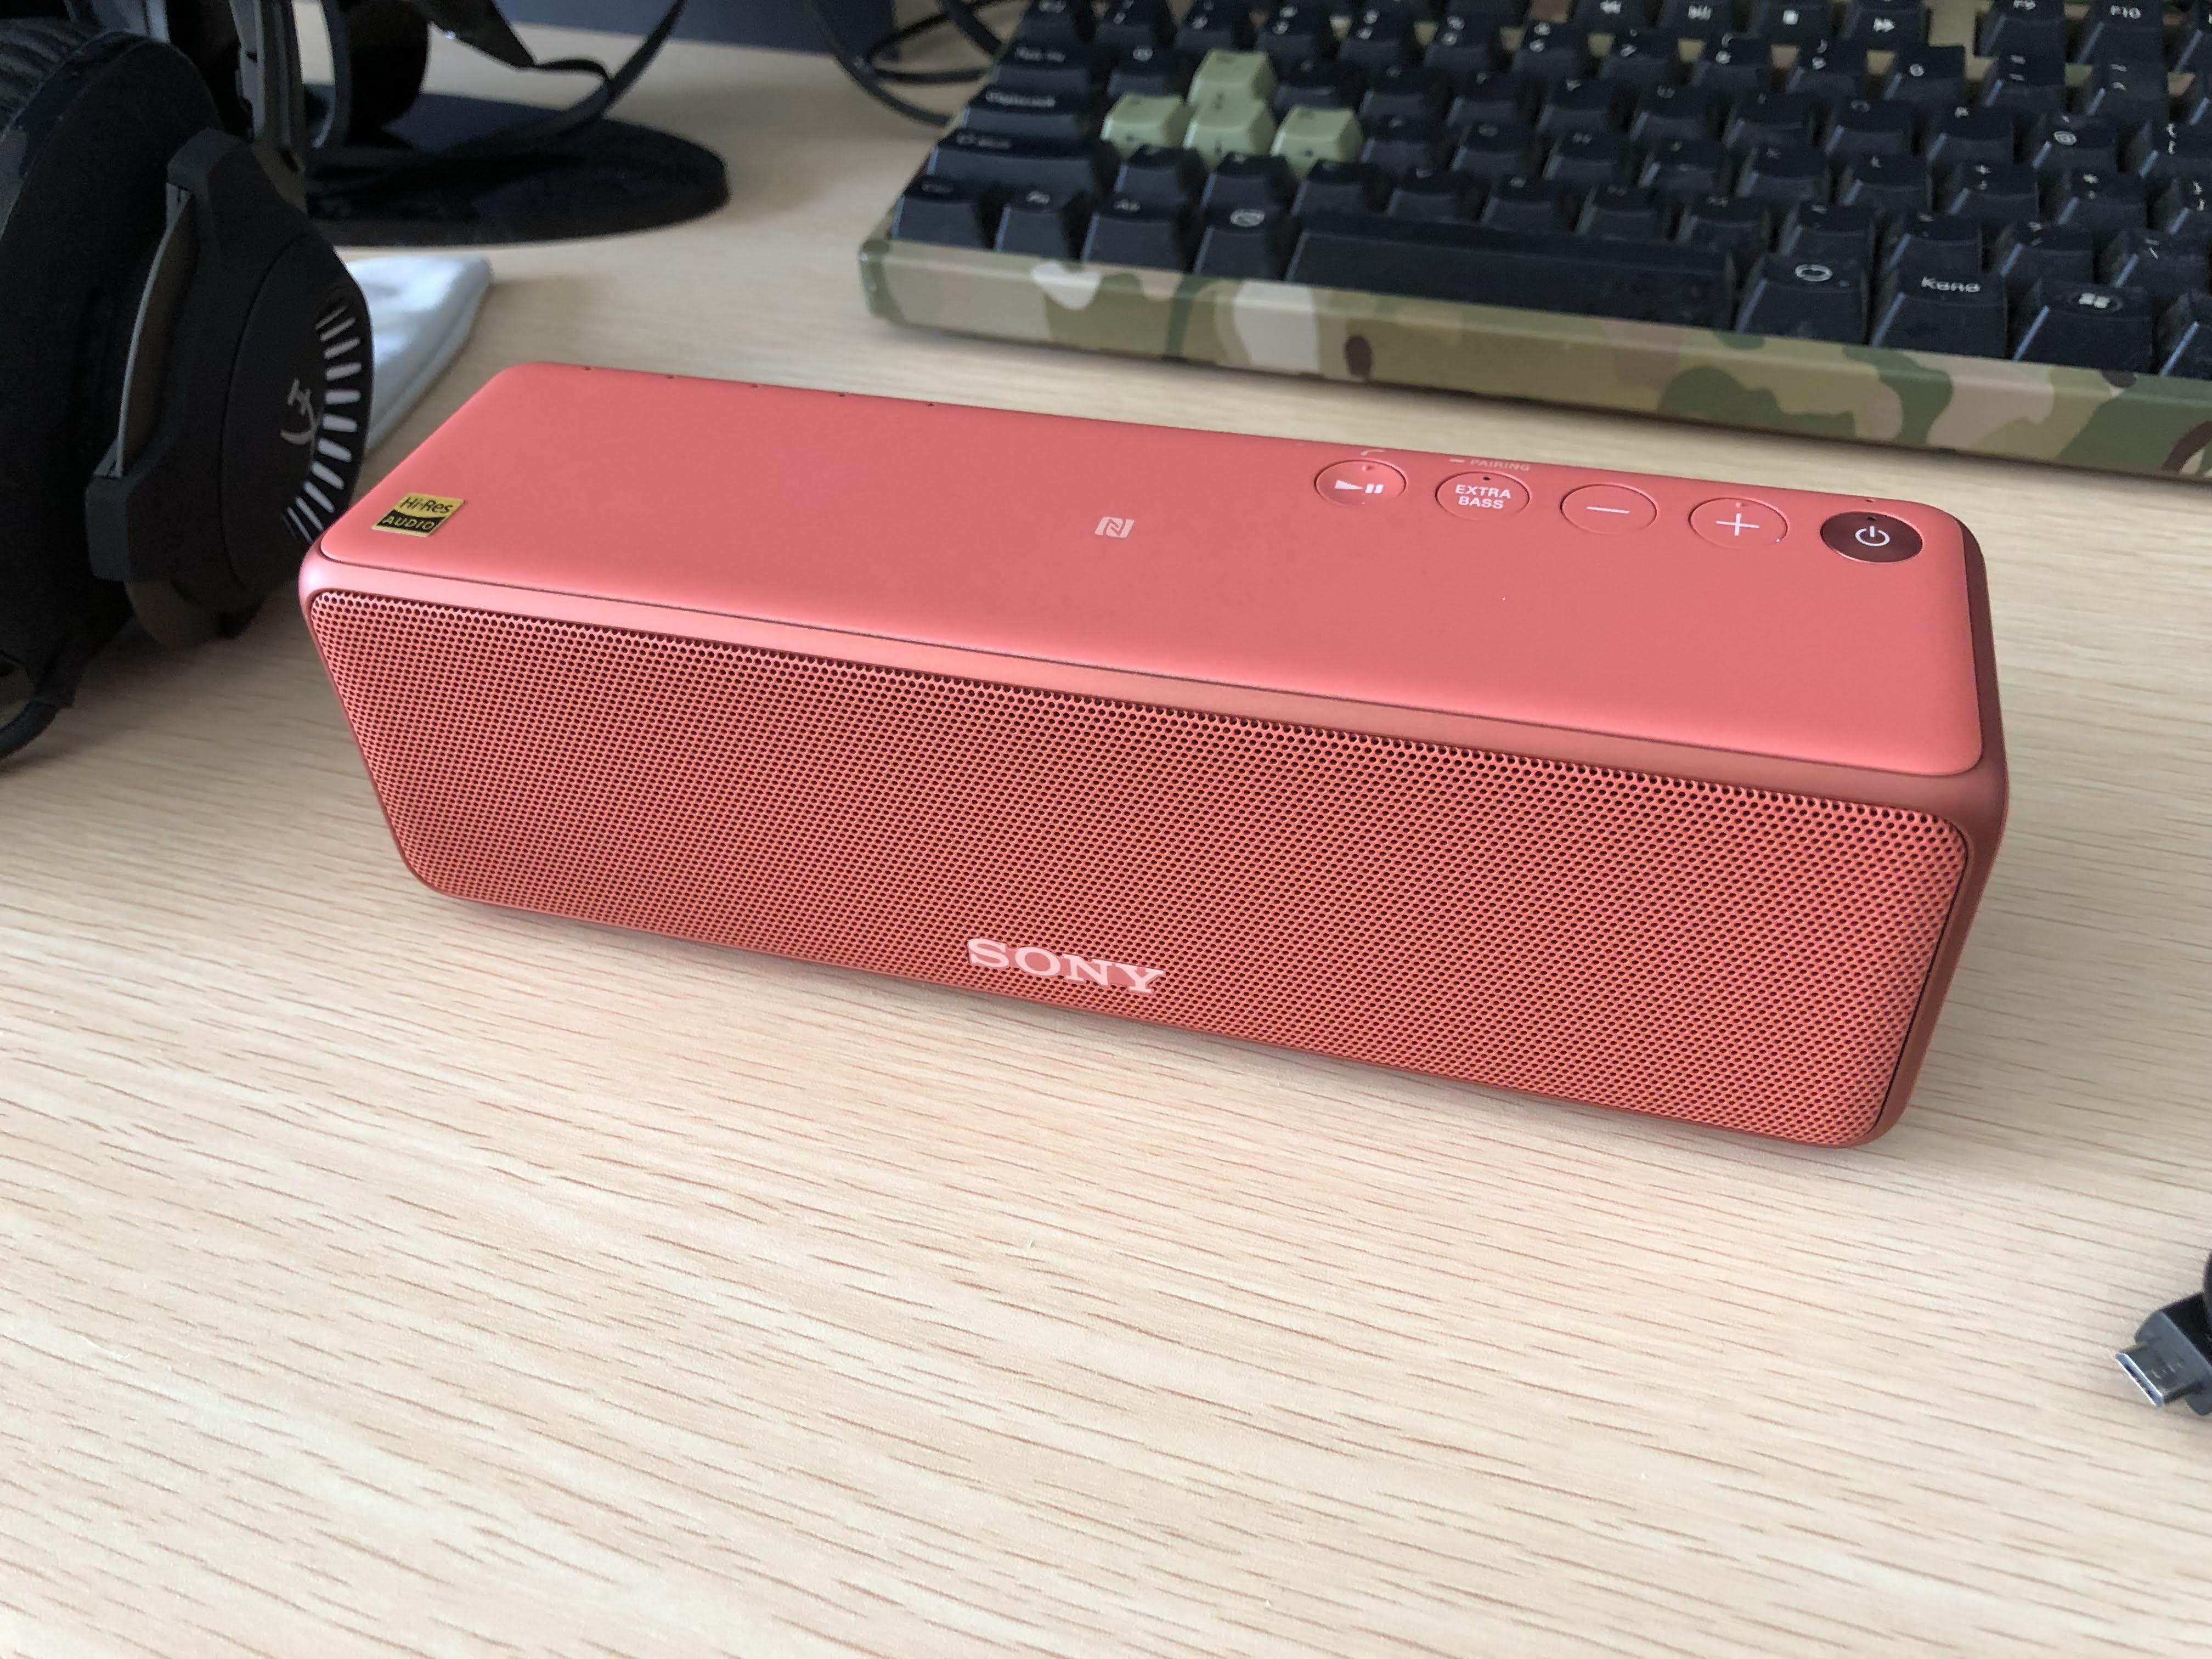 SONY ワイヤレスポータブルスピーカー SRS-HG10 R を買った